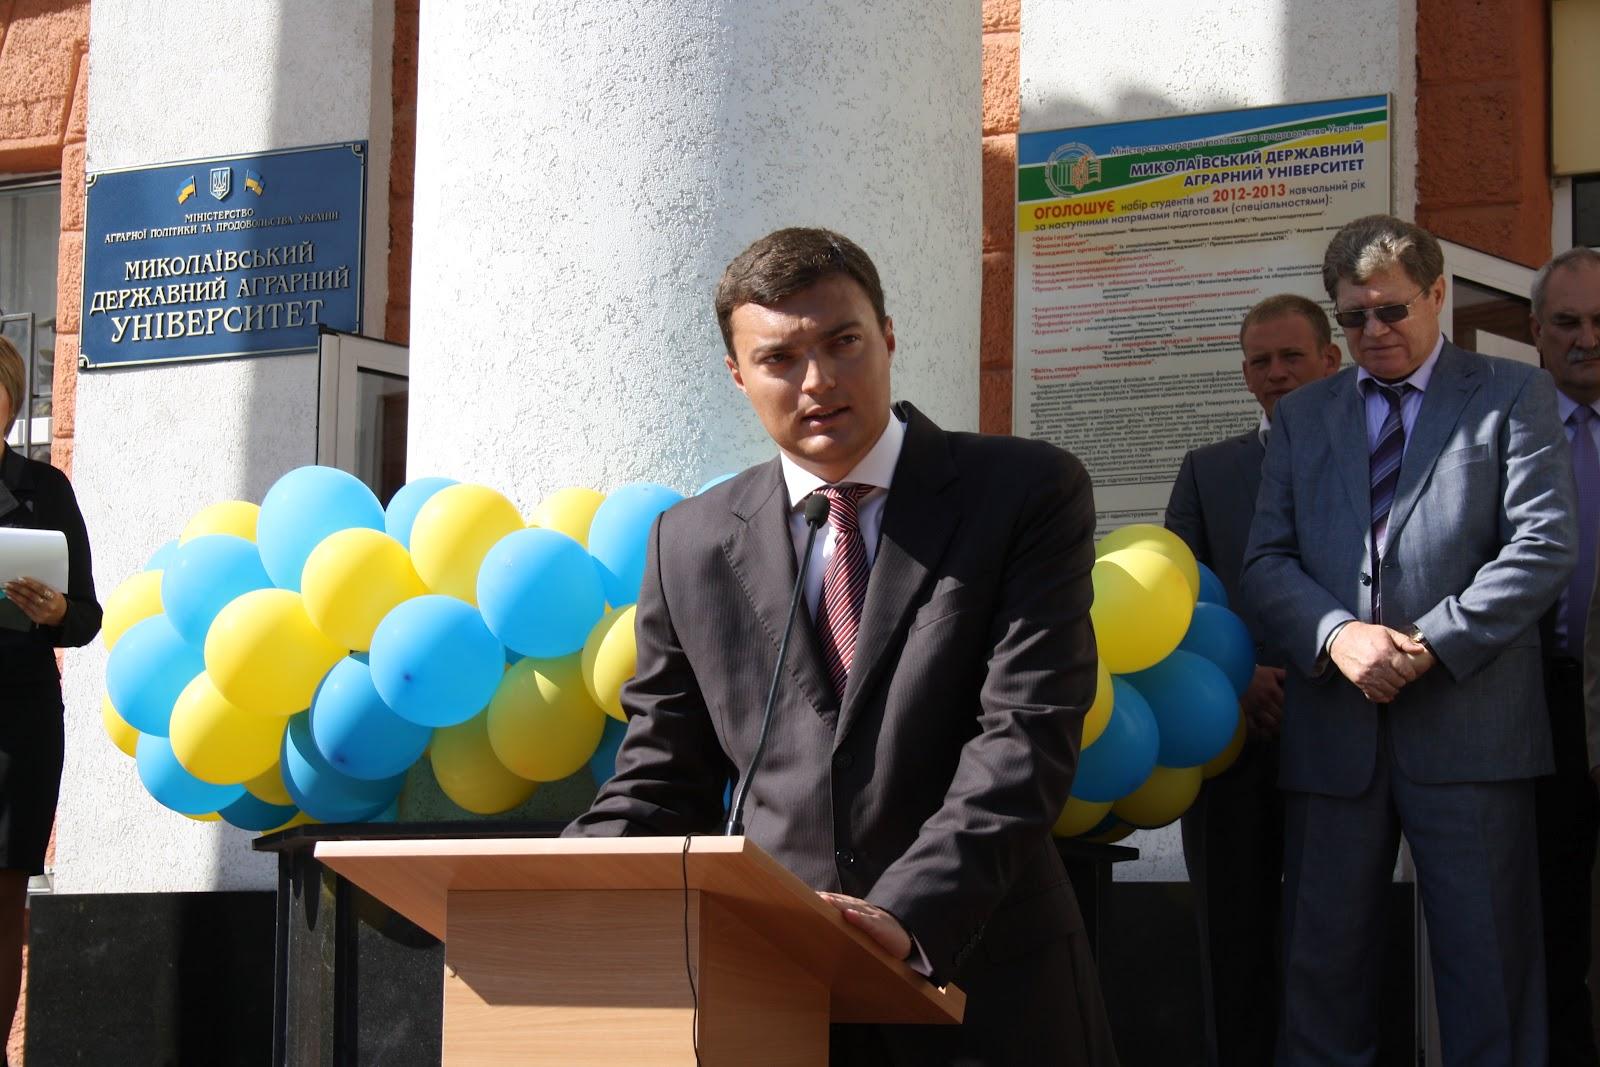 1 сентября - День знаний. Выступление главы Николаевского областного совета Игоря Дятлова.